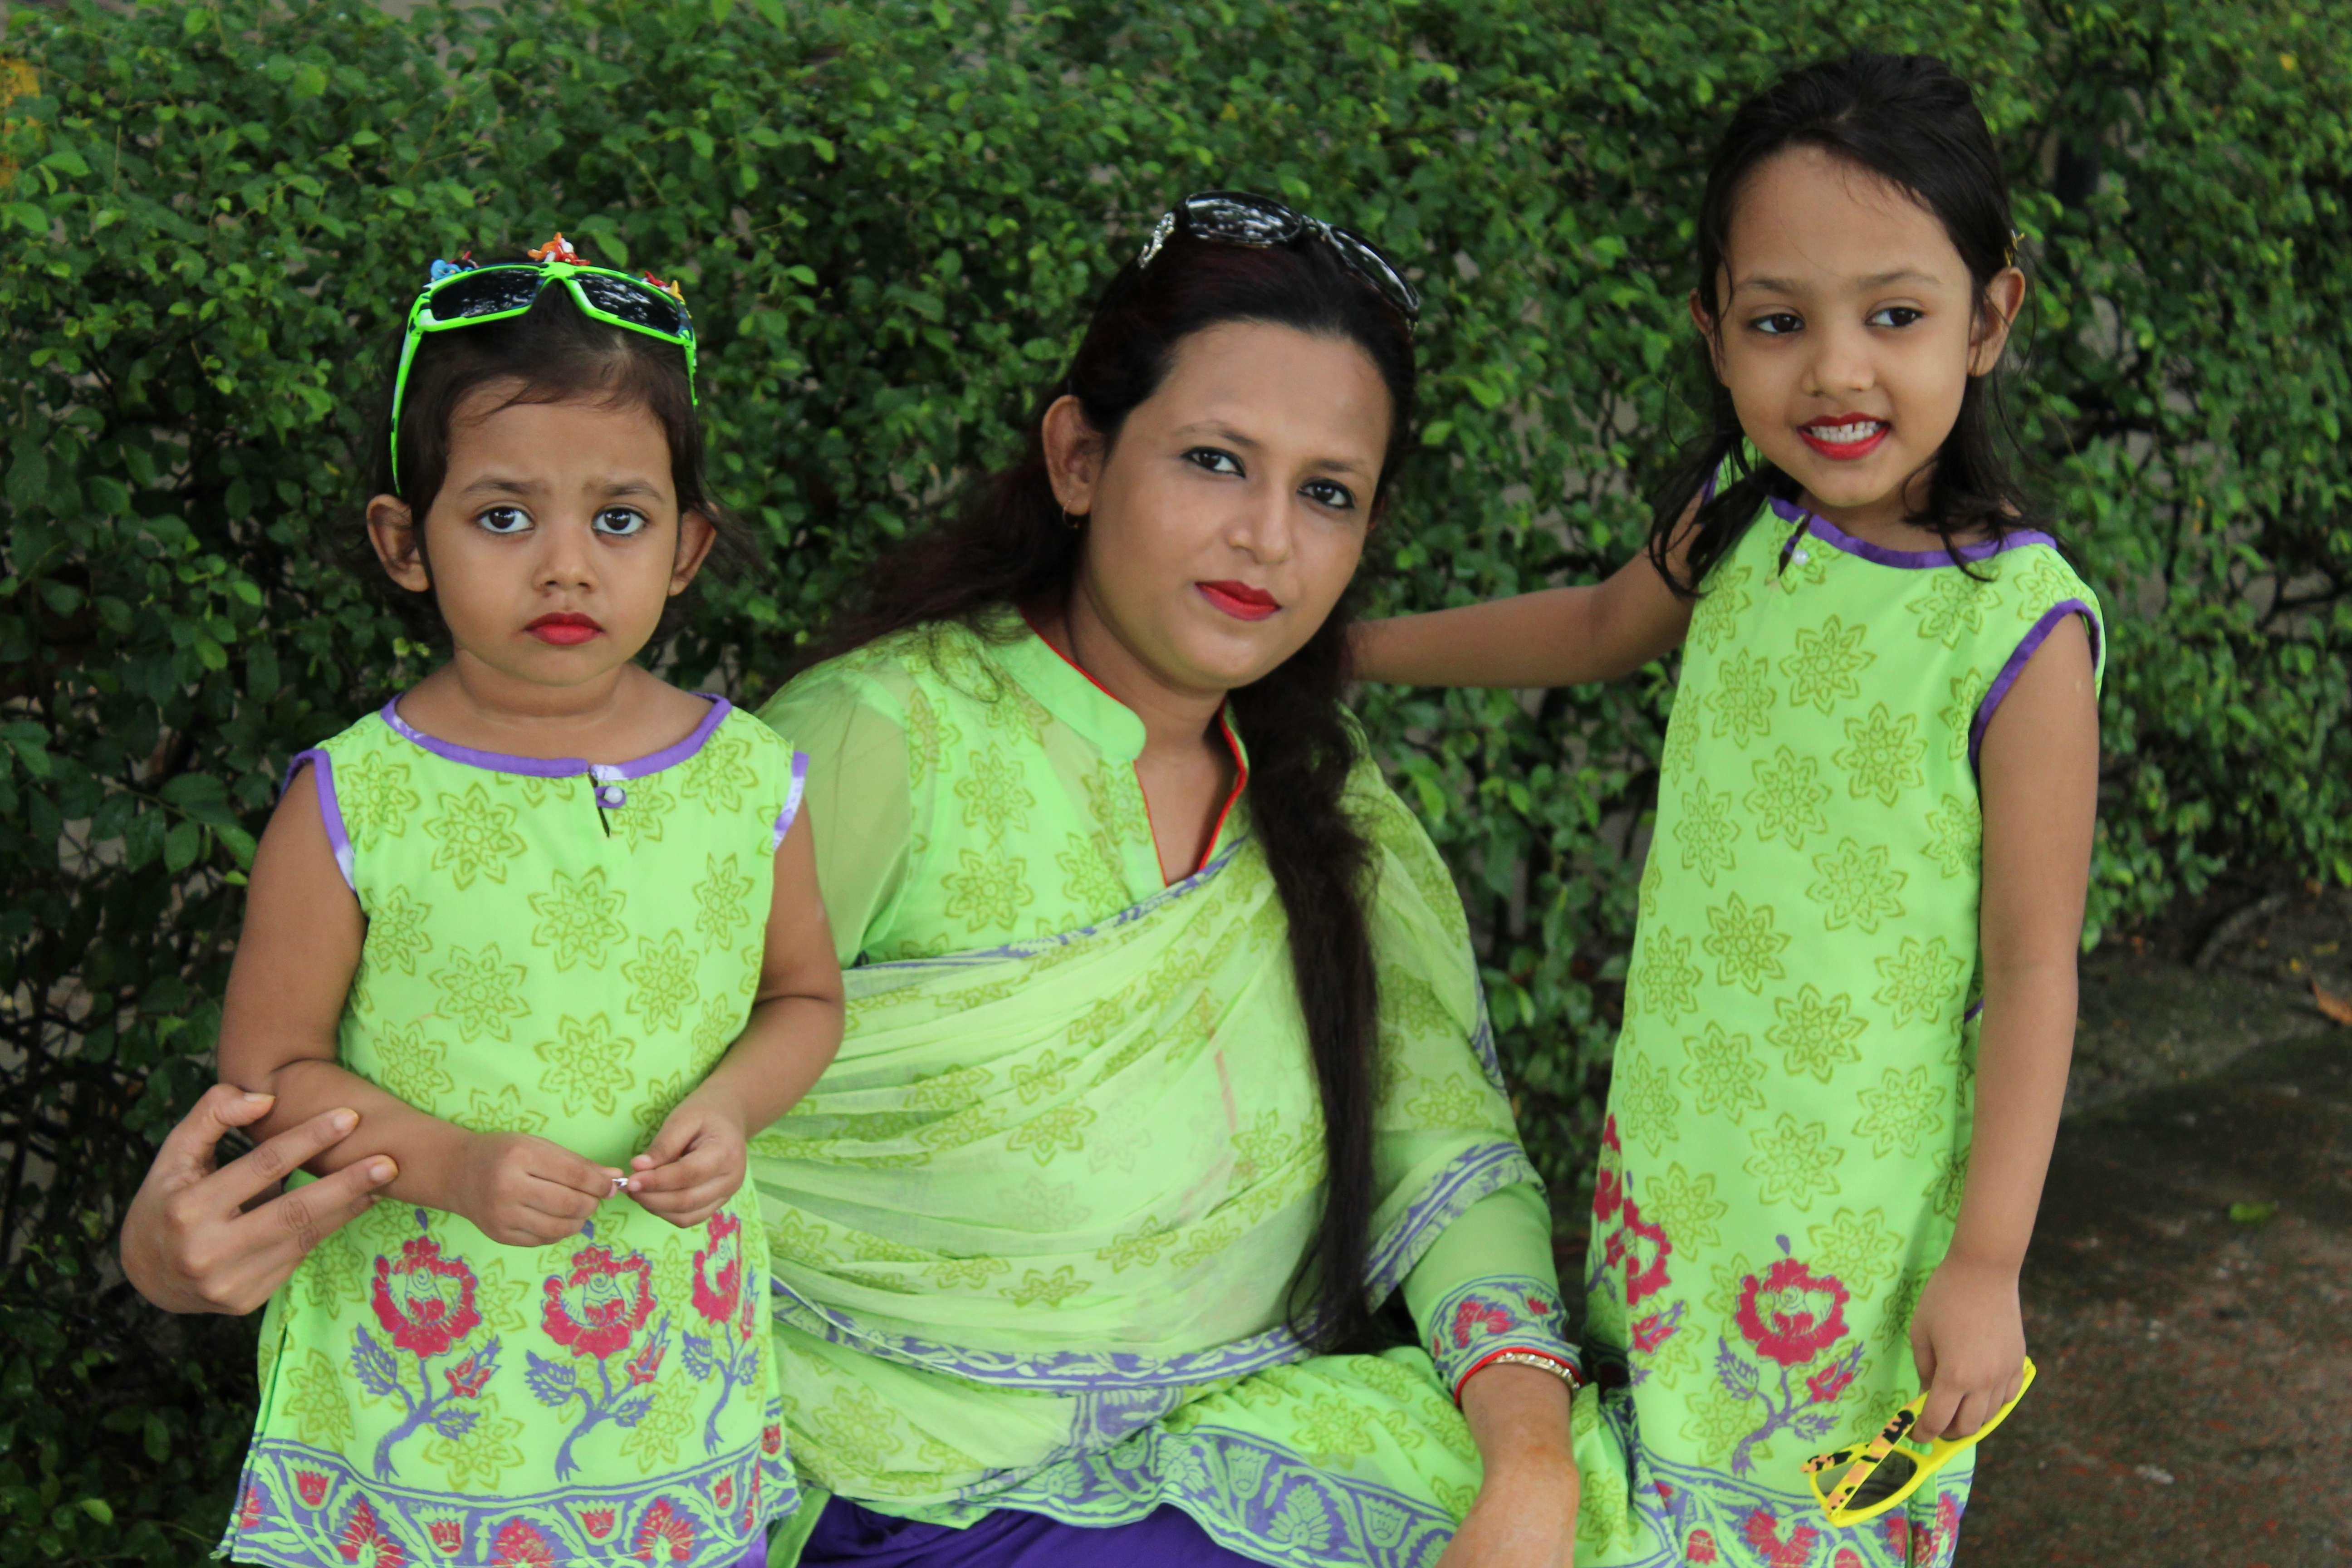 ই-কমার্স এবং বাংলাদেশ | অনলাইনে ব্যবসা করা সহজ নয়-ঝুমা হোসেন